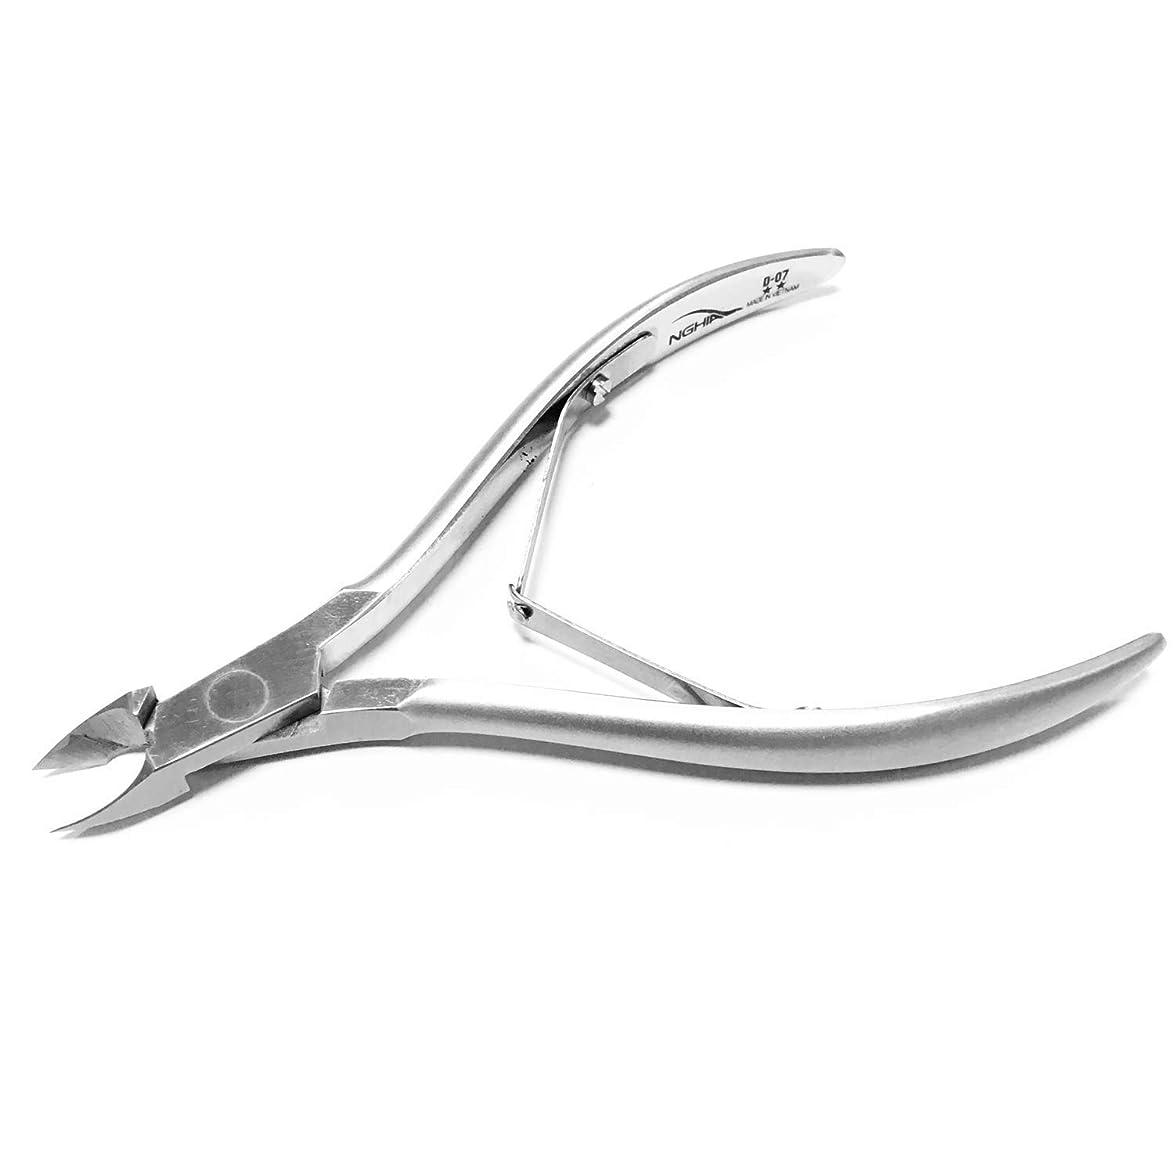 再生可能出くわす礼拝NGHIA キューティクルニッパー ペディキュアや美容ツール 理想的 な爪 足爪 用 専門外科グレードのステンレススチールキューティクルニッパー、ニッケルメッキ、シングルスプリング、7mmジョー